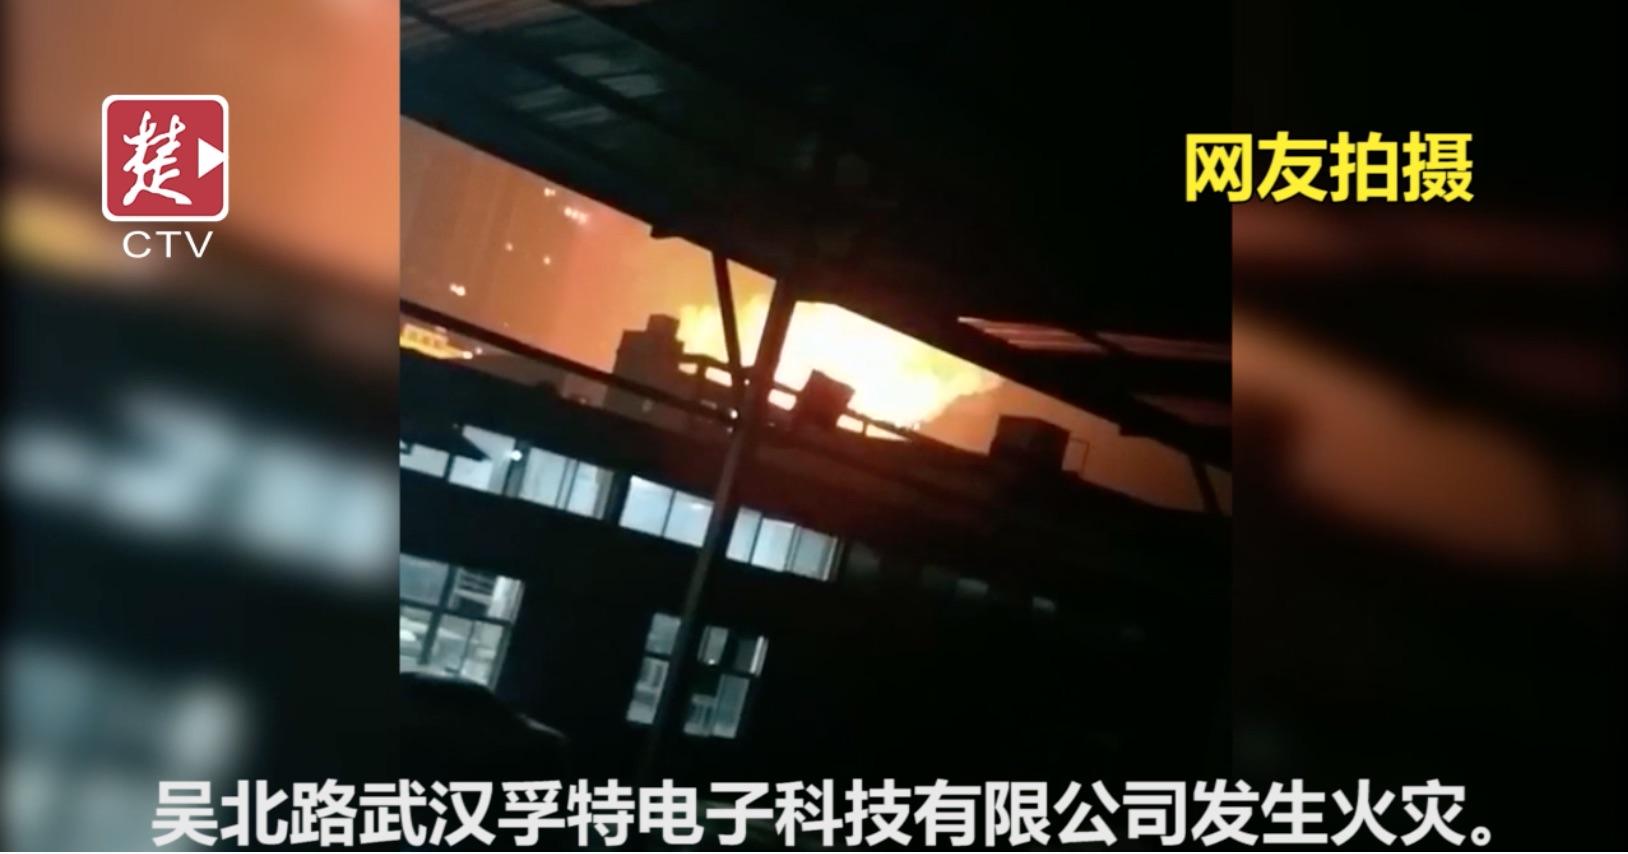 11月30日晚,武漢一電池廠起火爆燃,現場火光沖天,並伴爆炸聲。圖為事發現場。(視像擷圖)